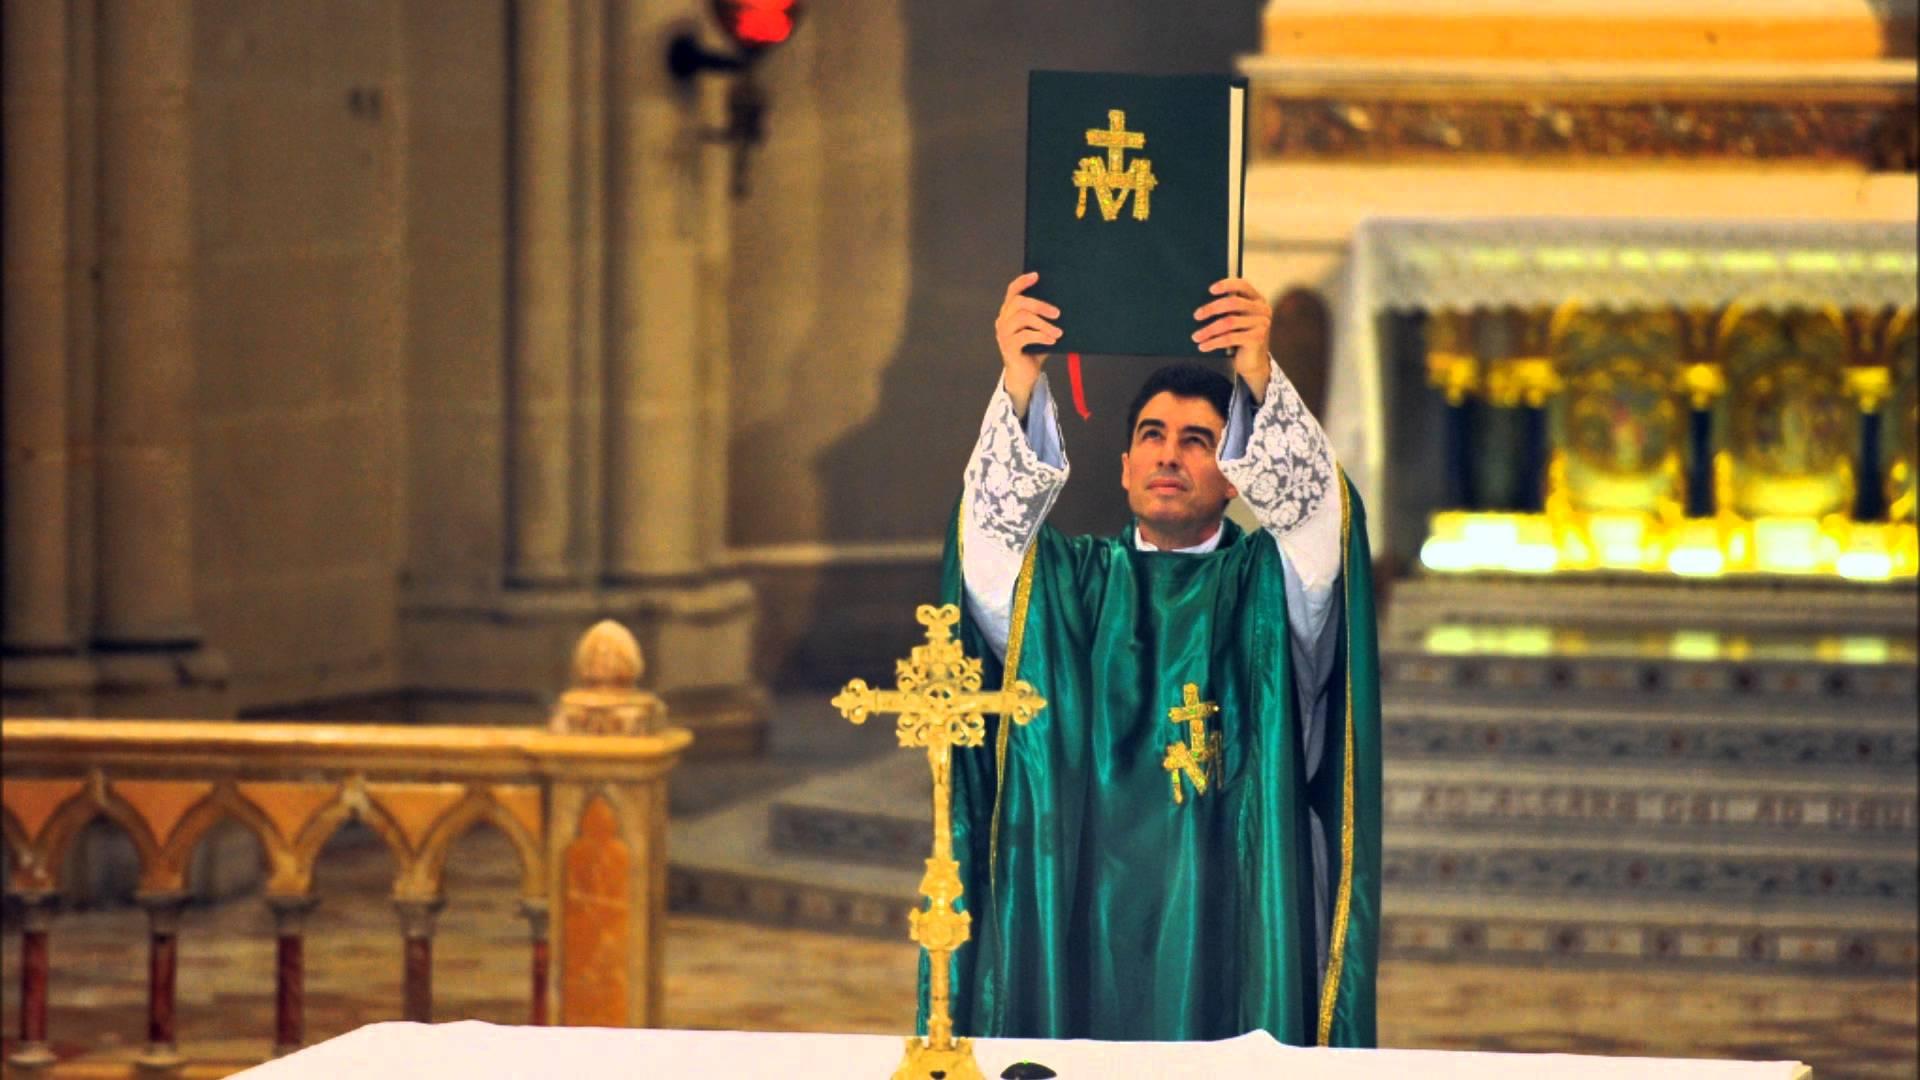 Un prêtre de l'Eglise de France rayonne sur les ondes du Québec!